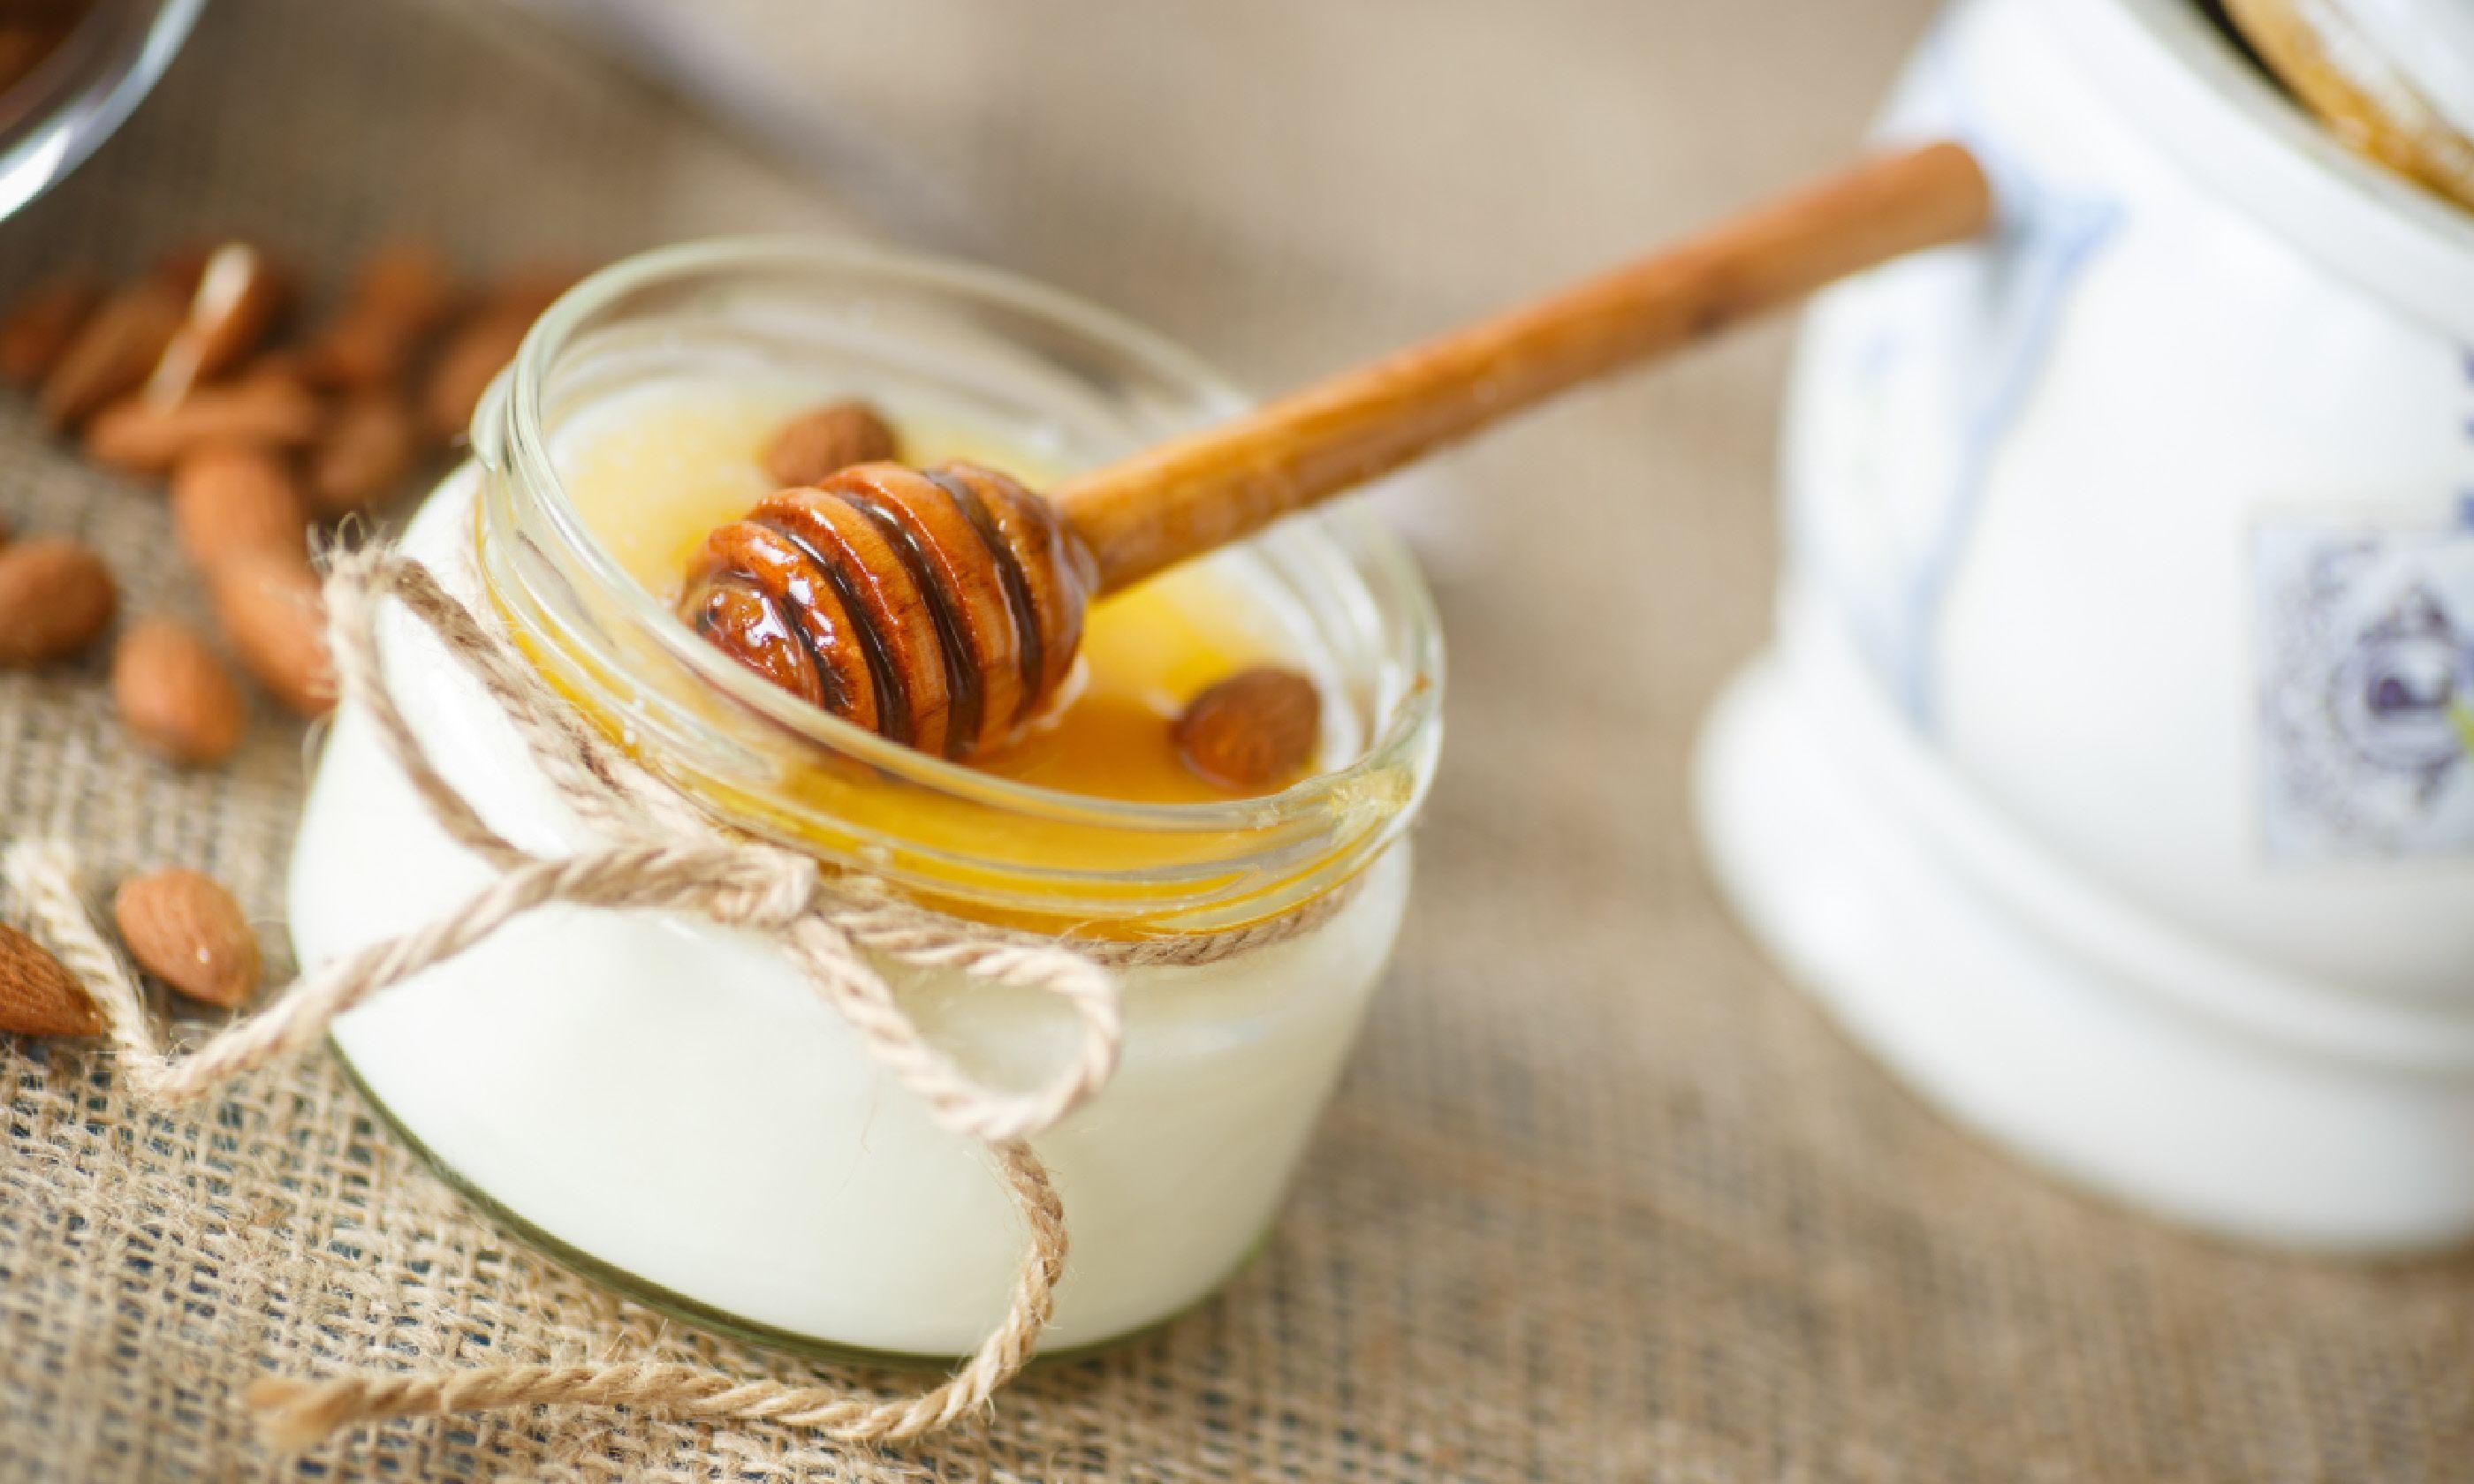 Honey and yoghurt (Shutterstock)